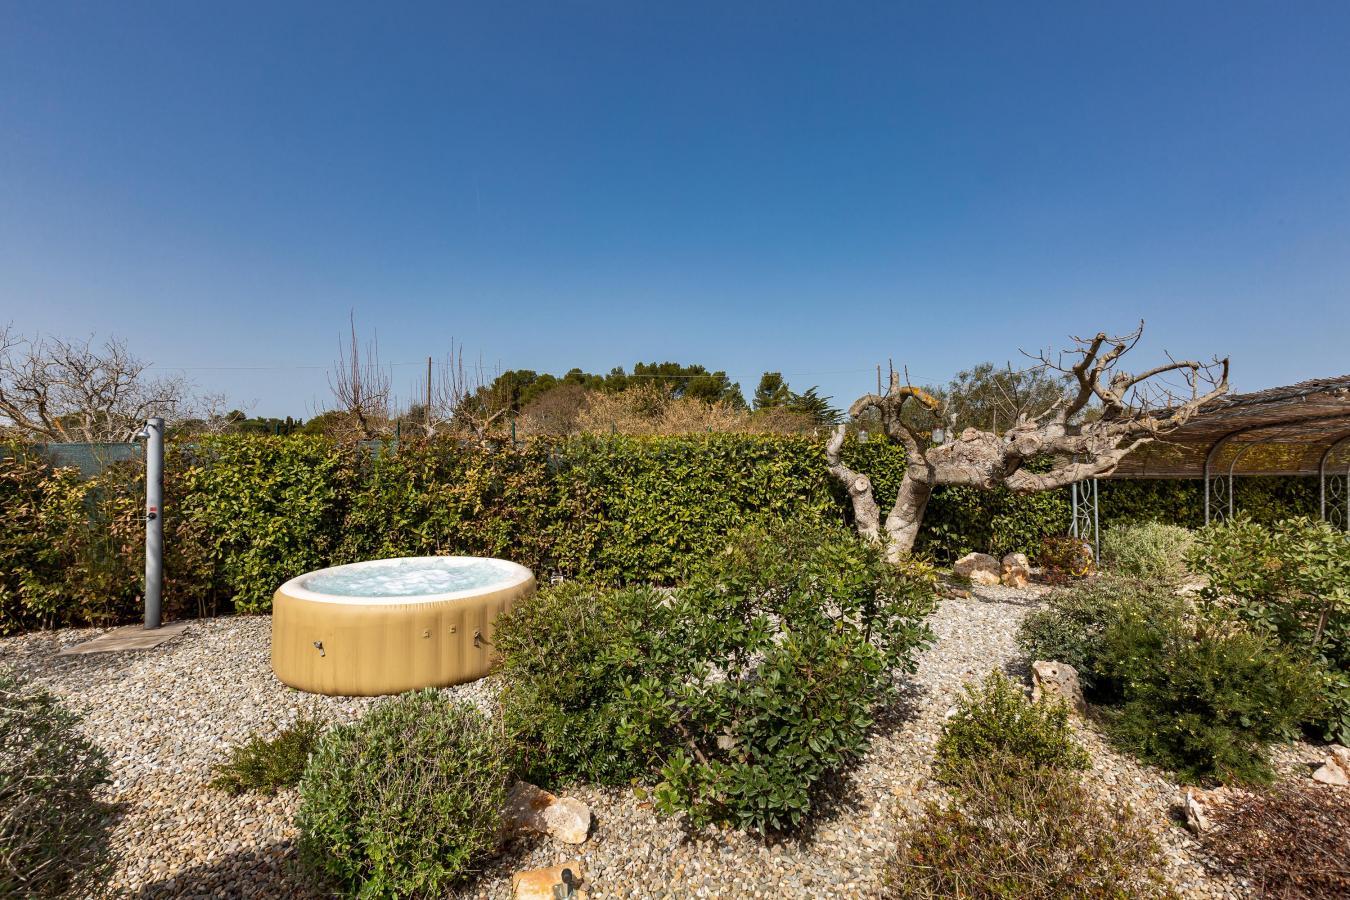 Jacuzzi and solarium in the garden